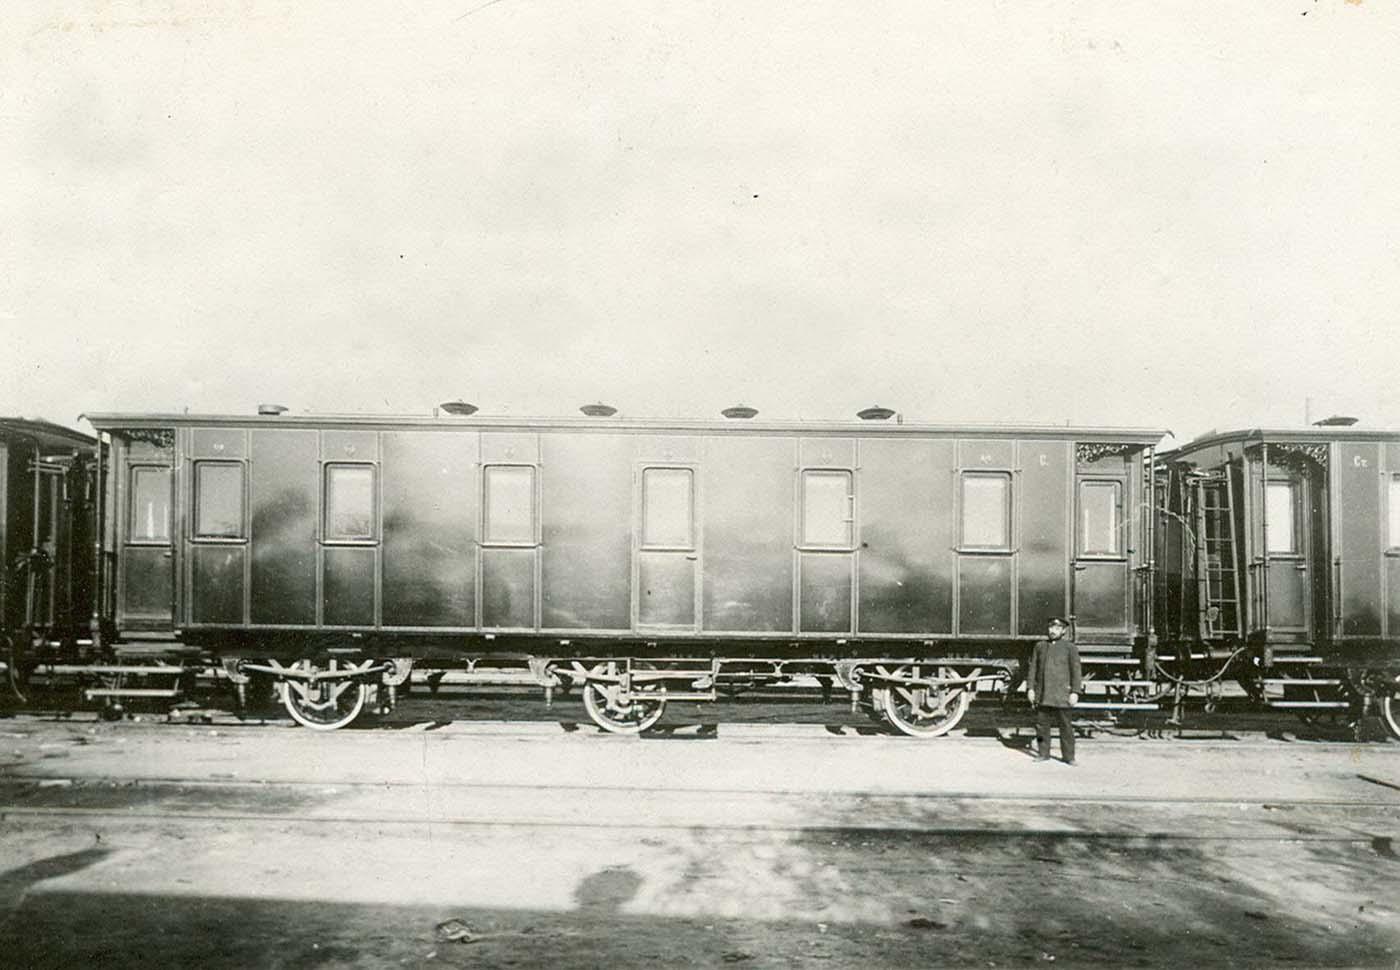 El tren se construyó entre 1894 y 1996 en los principales Talleres de automóviles de Nikolaevsky Railway Company.